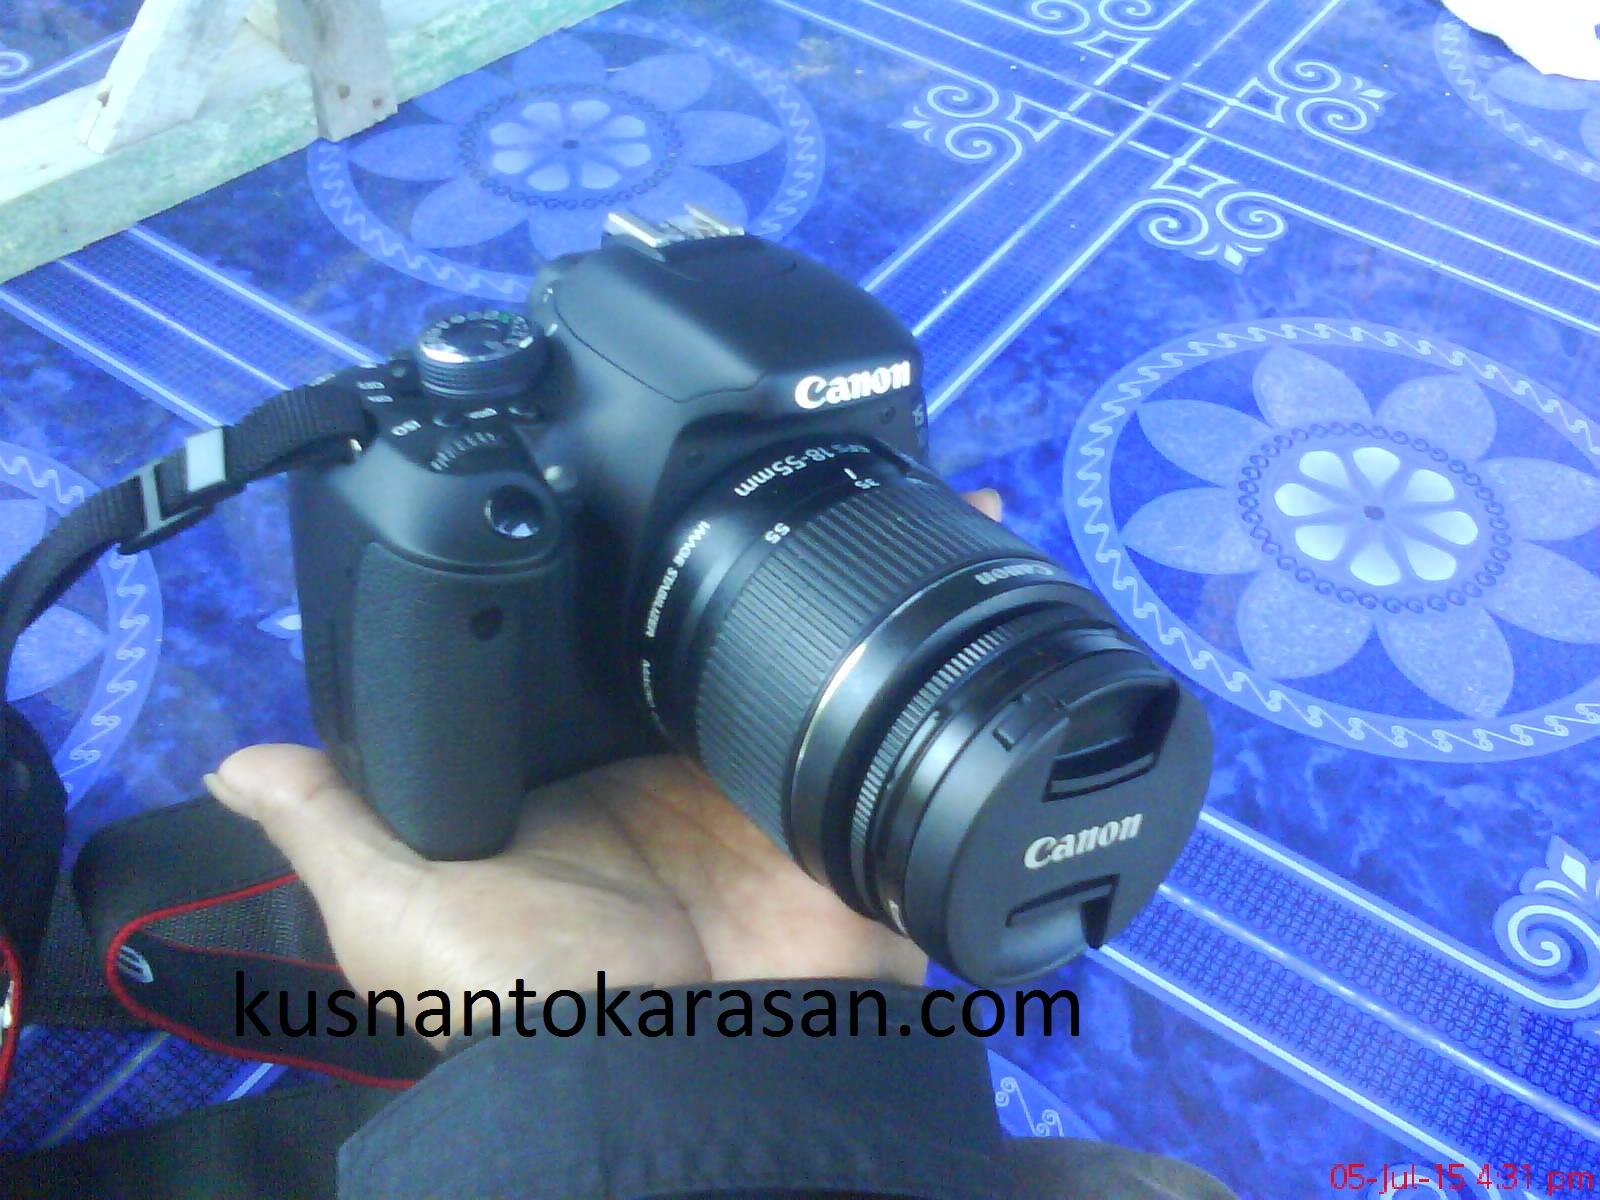 tampilan nyata kamera canon EOS 600D